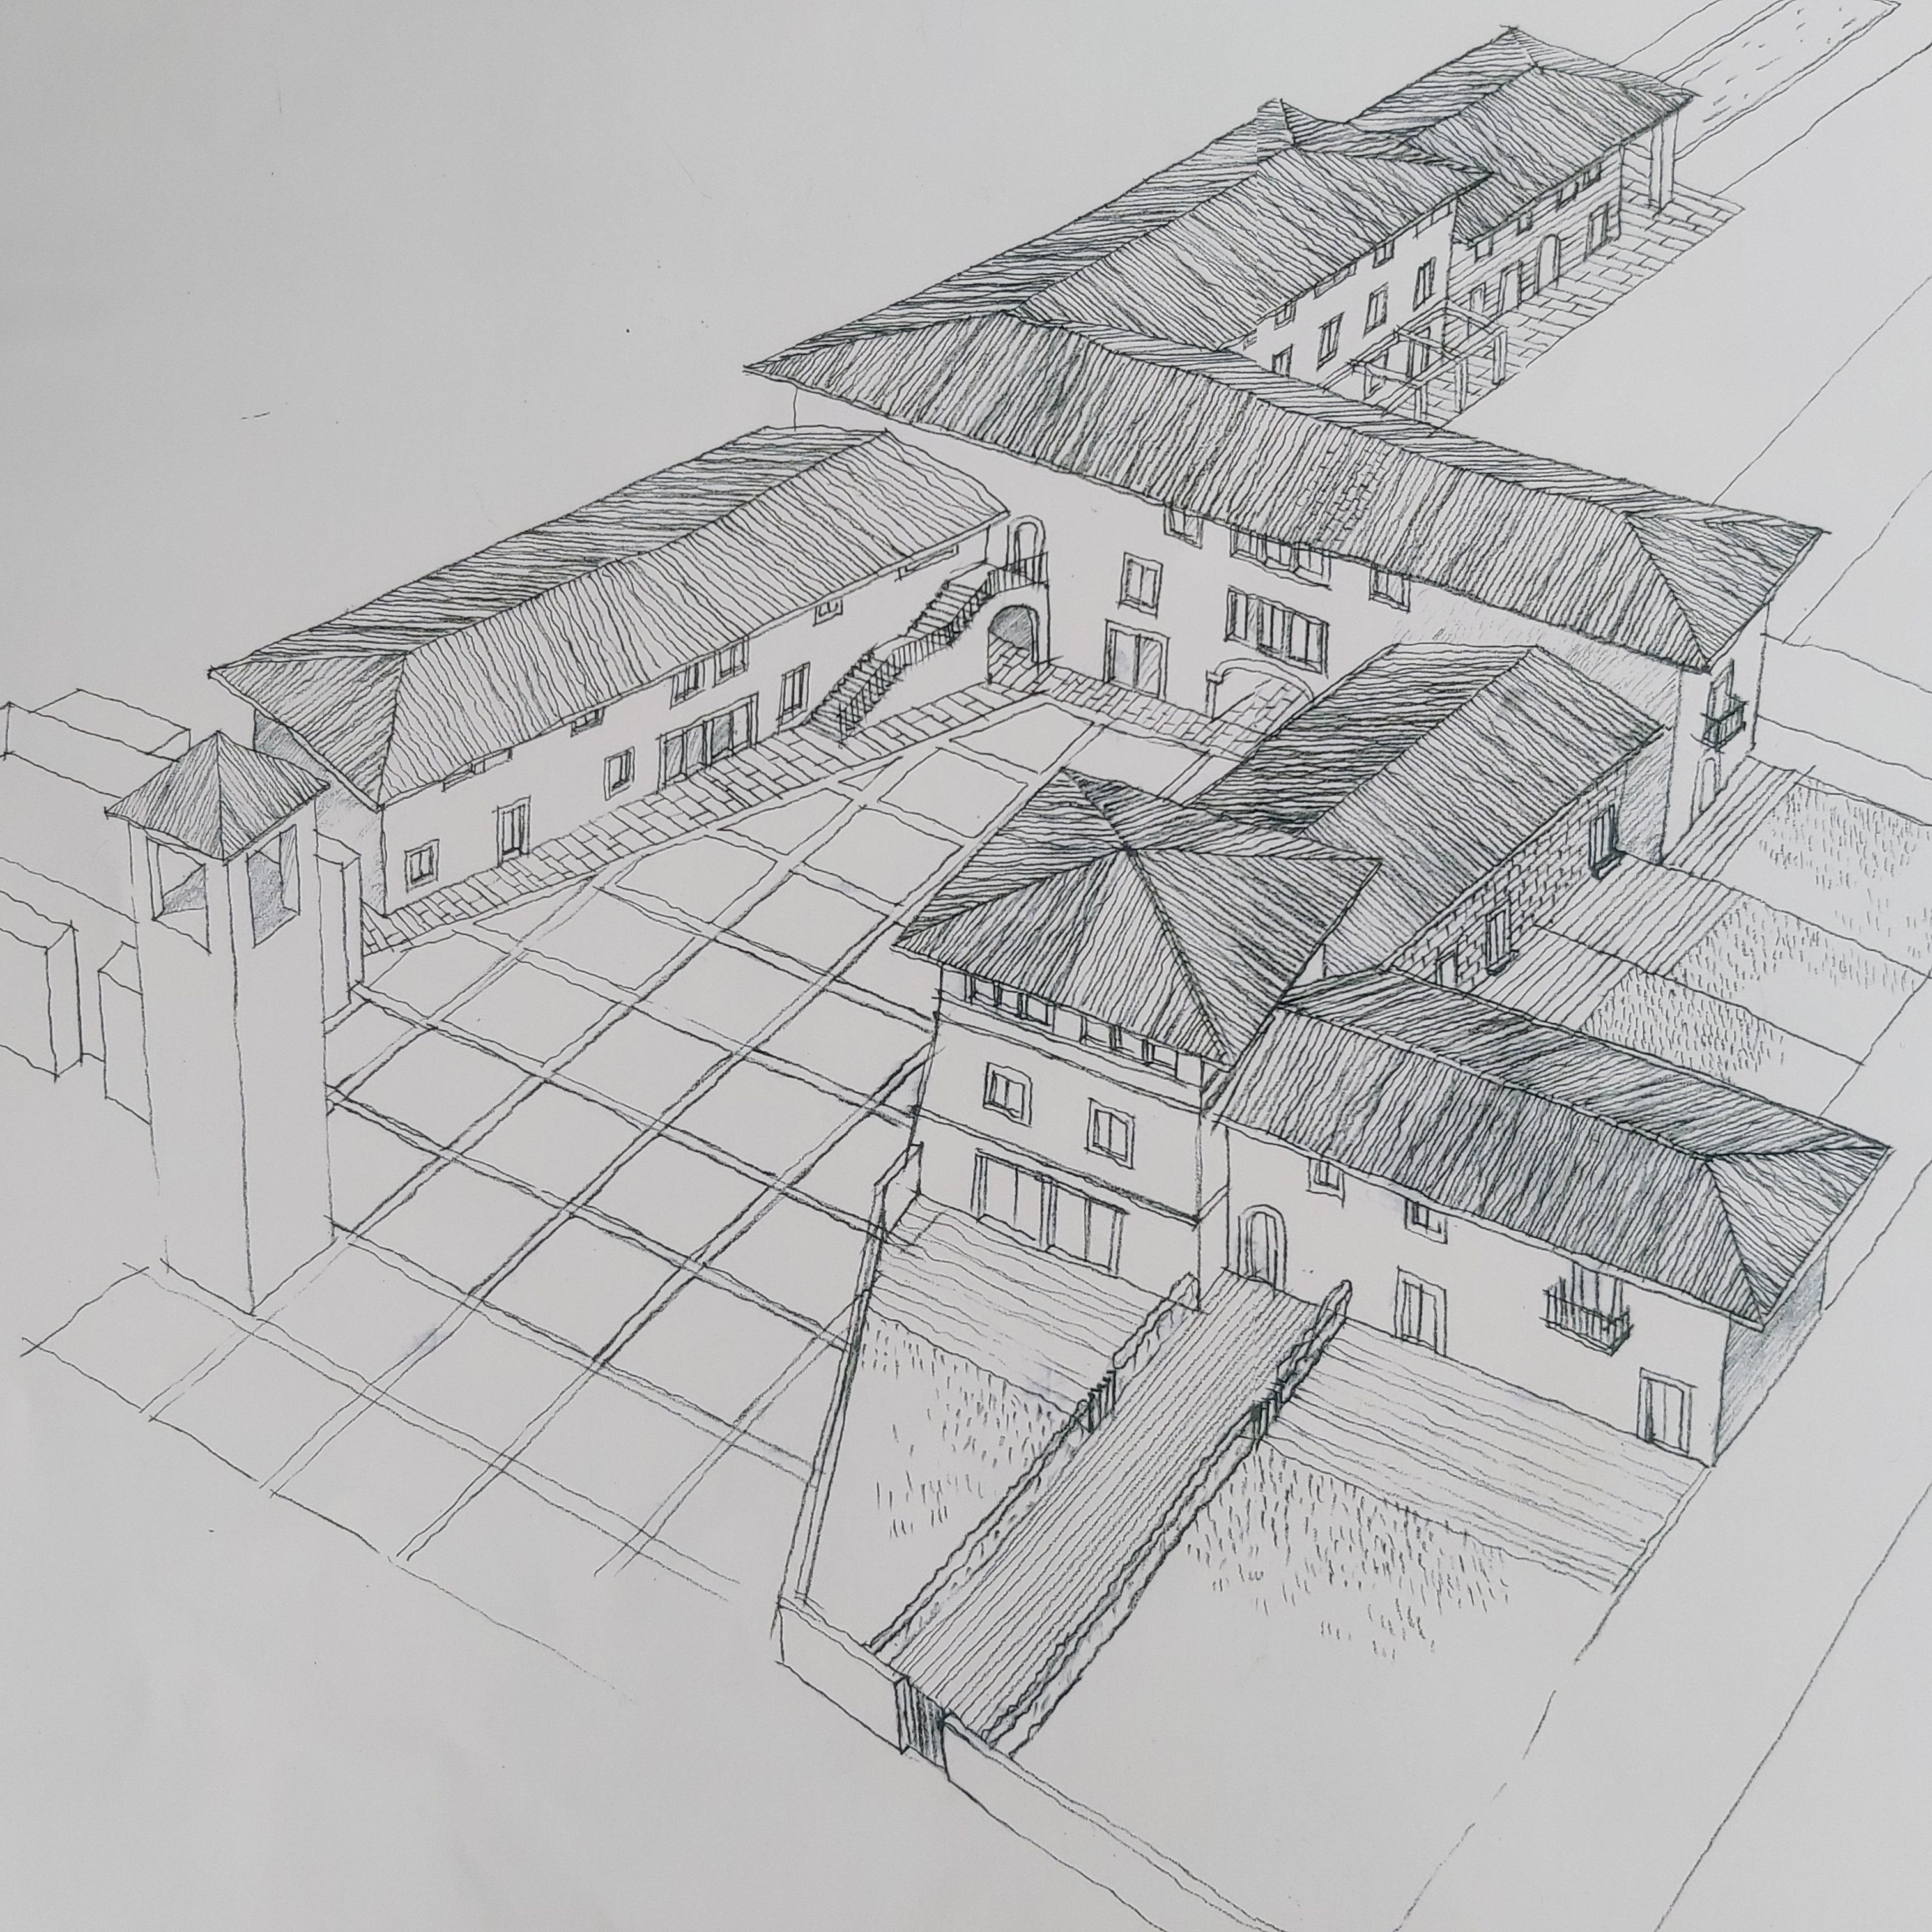 Friaul: Exklusive Apartments am historischen Landgut